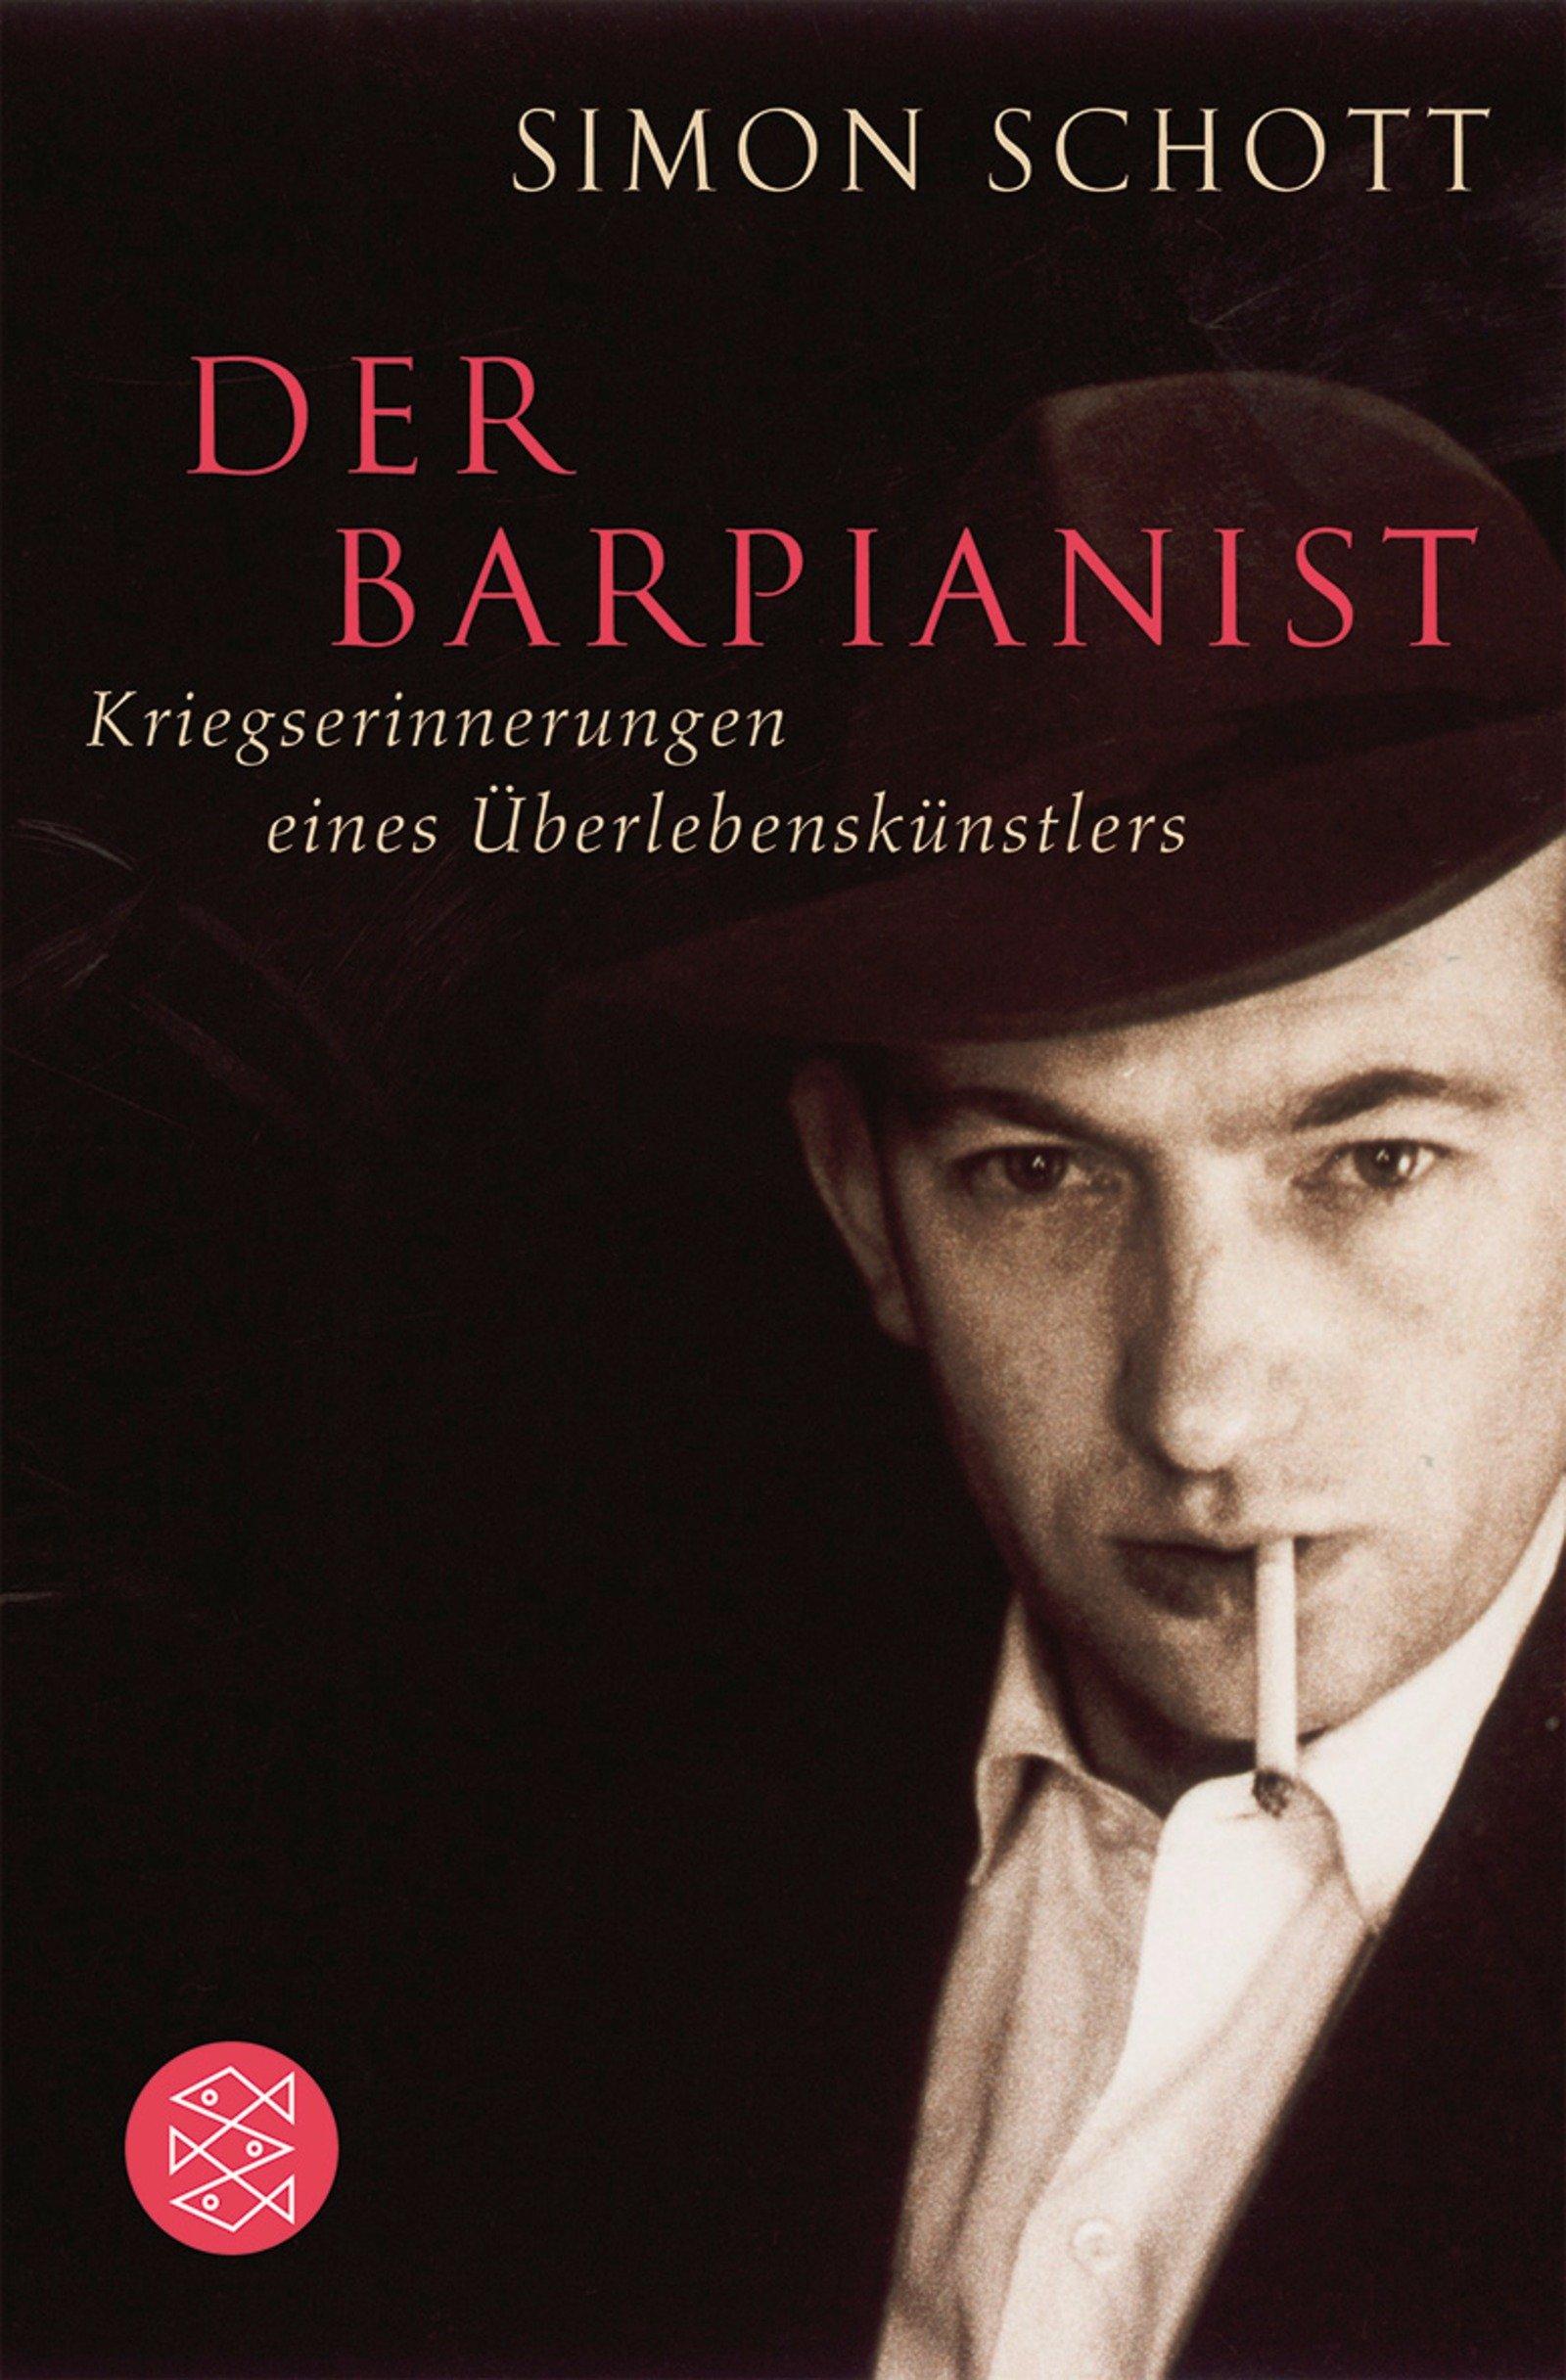 der-barpianist-kriegserinnerungen-eines-berlebensknstlers-ratgeber-lebenskrisen